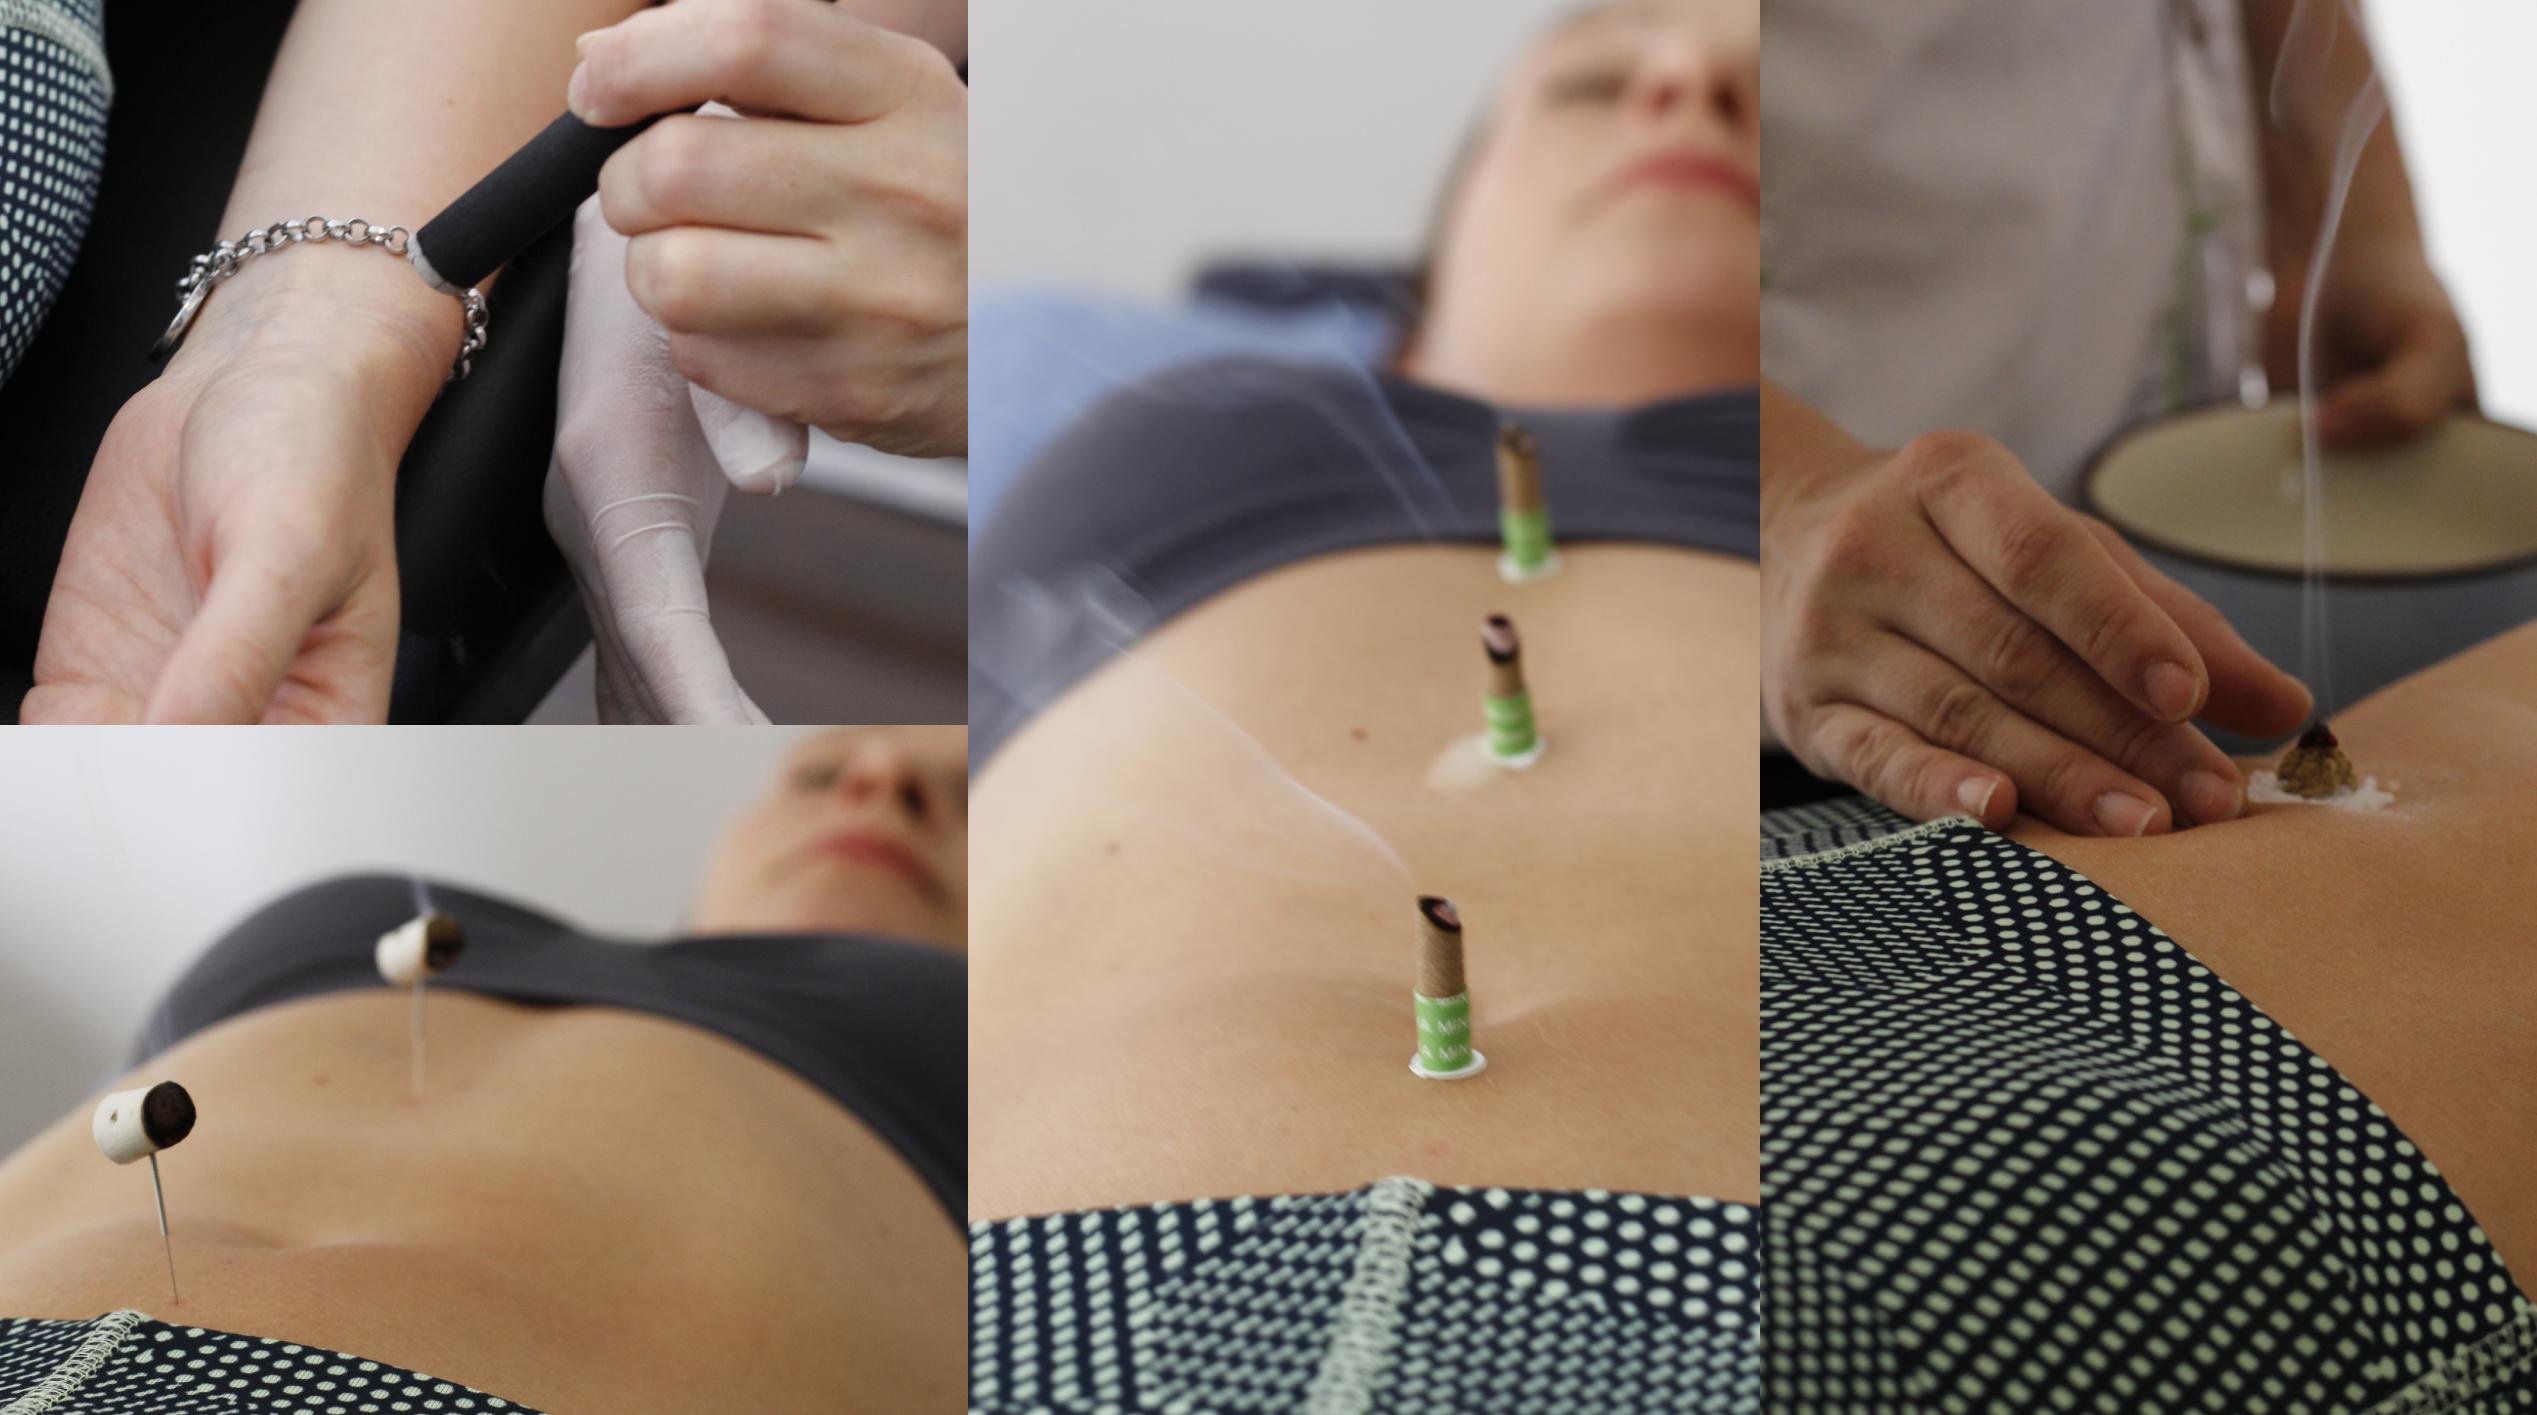 Esta estimulación con calor tenue puede utilizarse como apoyo en los tratamientos con acupuntura